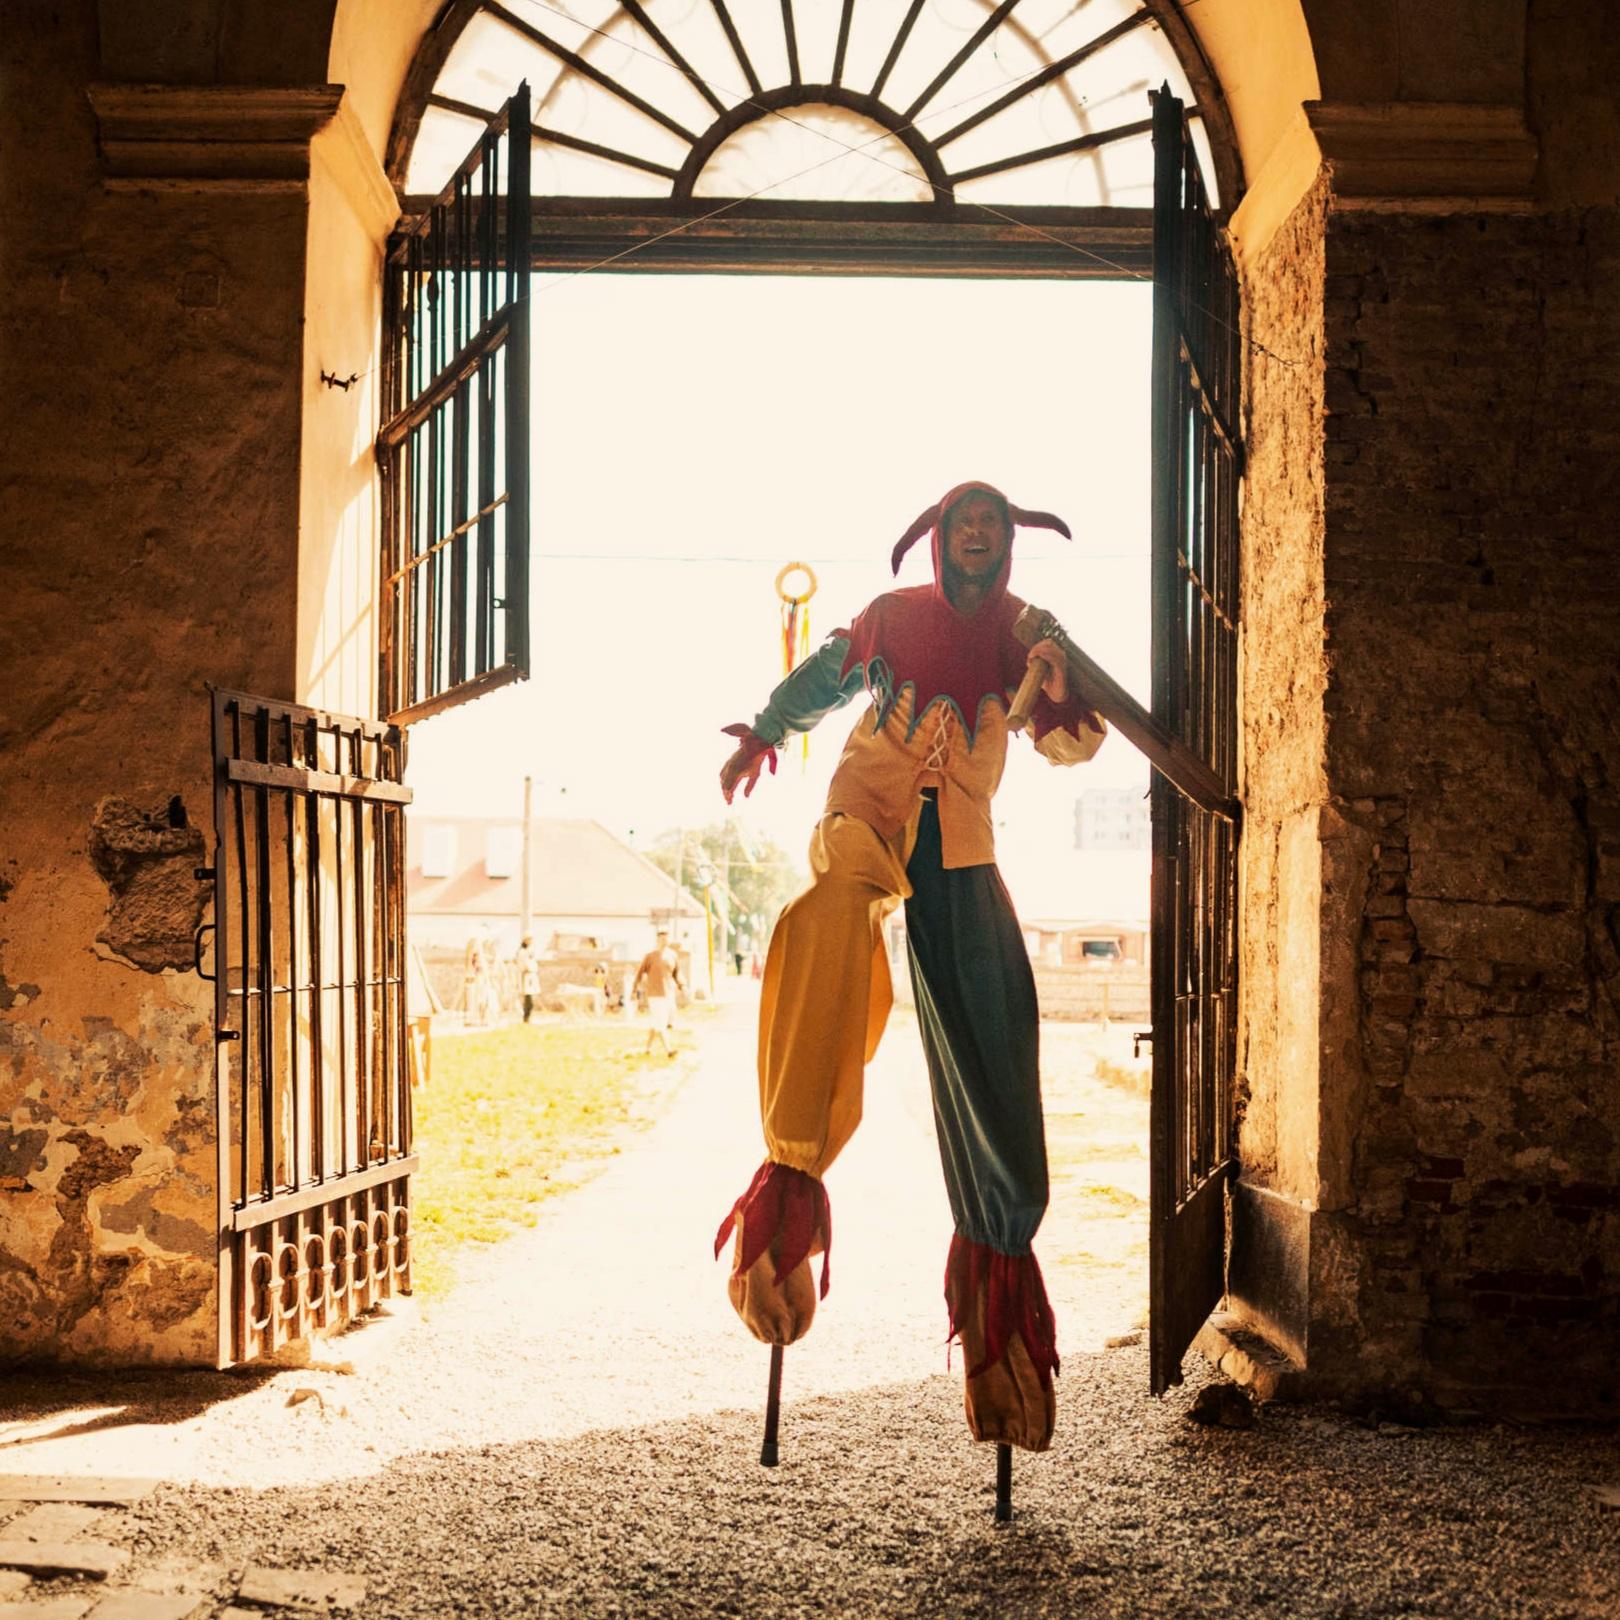 Akrobacia a kaukliari - Blázniví žongléri, odvážni akrobati, či komici na chodúľoch. Na našich vystúpeniach spolu s históriou ožíva aj dávne kaukliarske umenie.